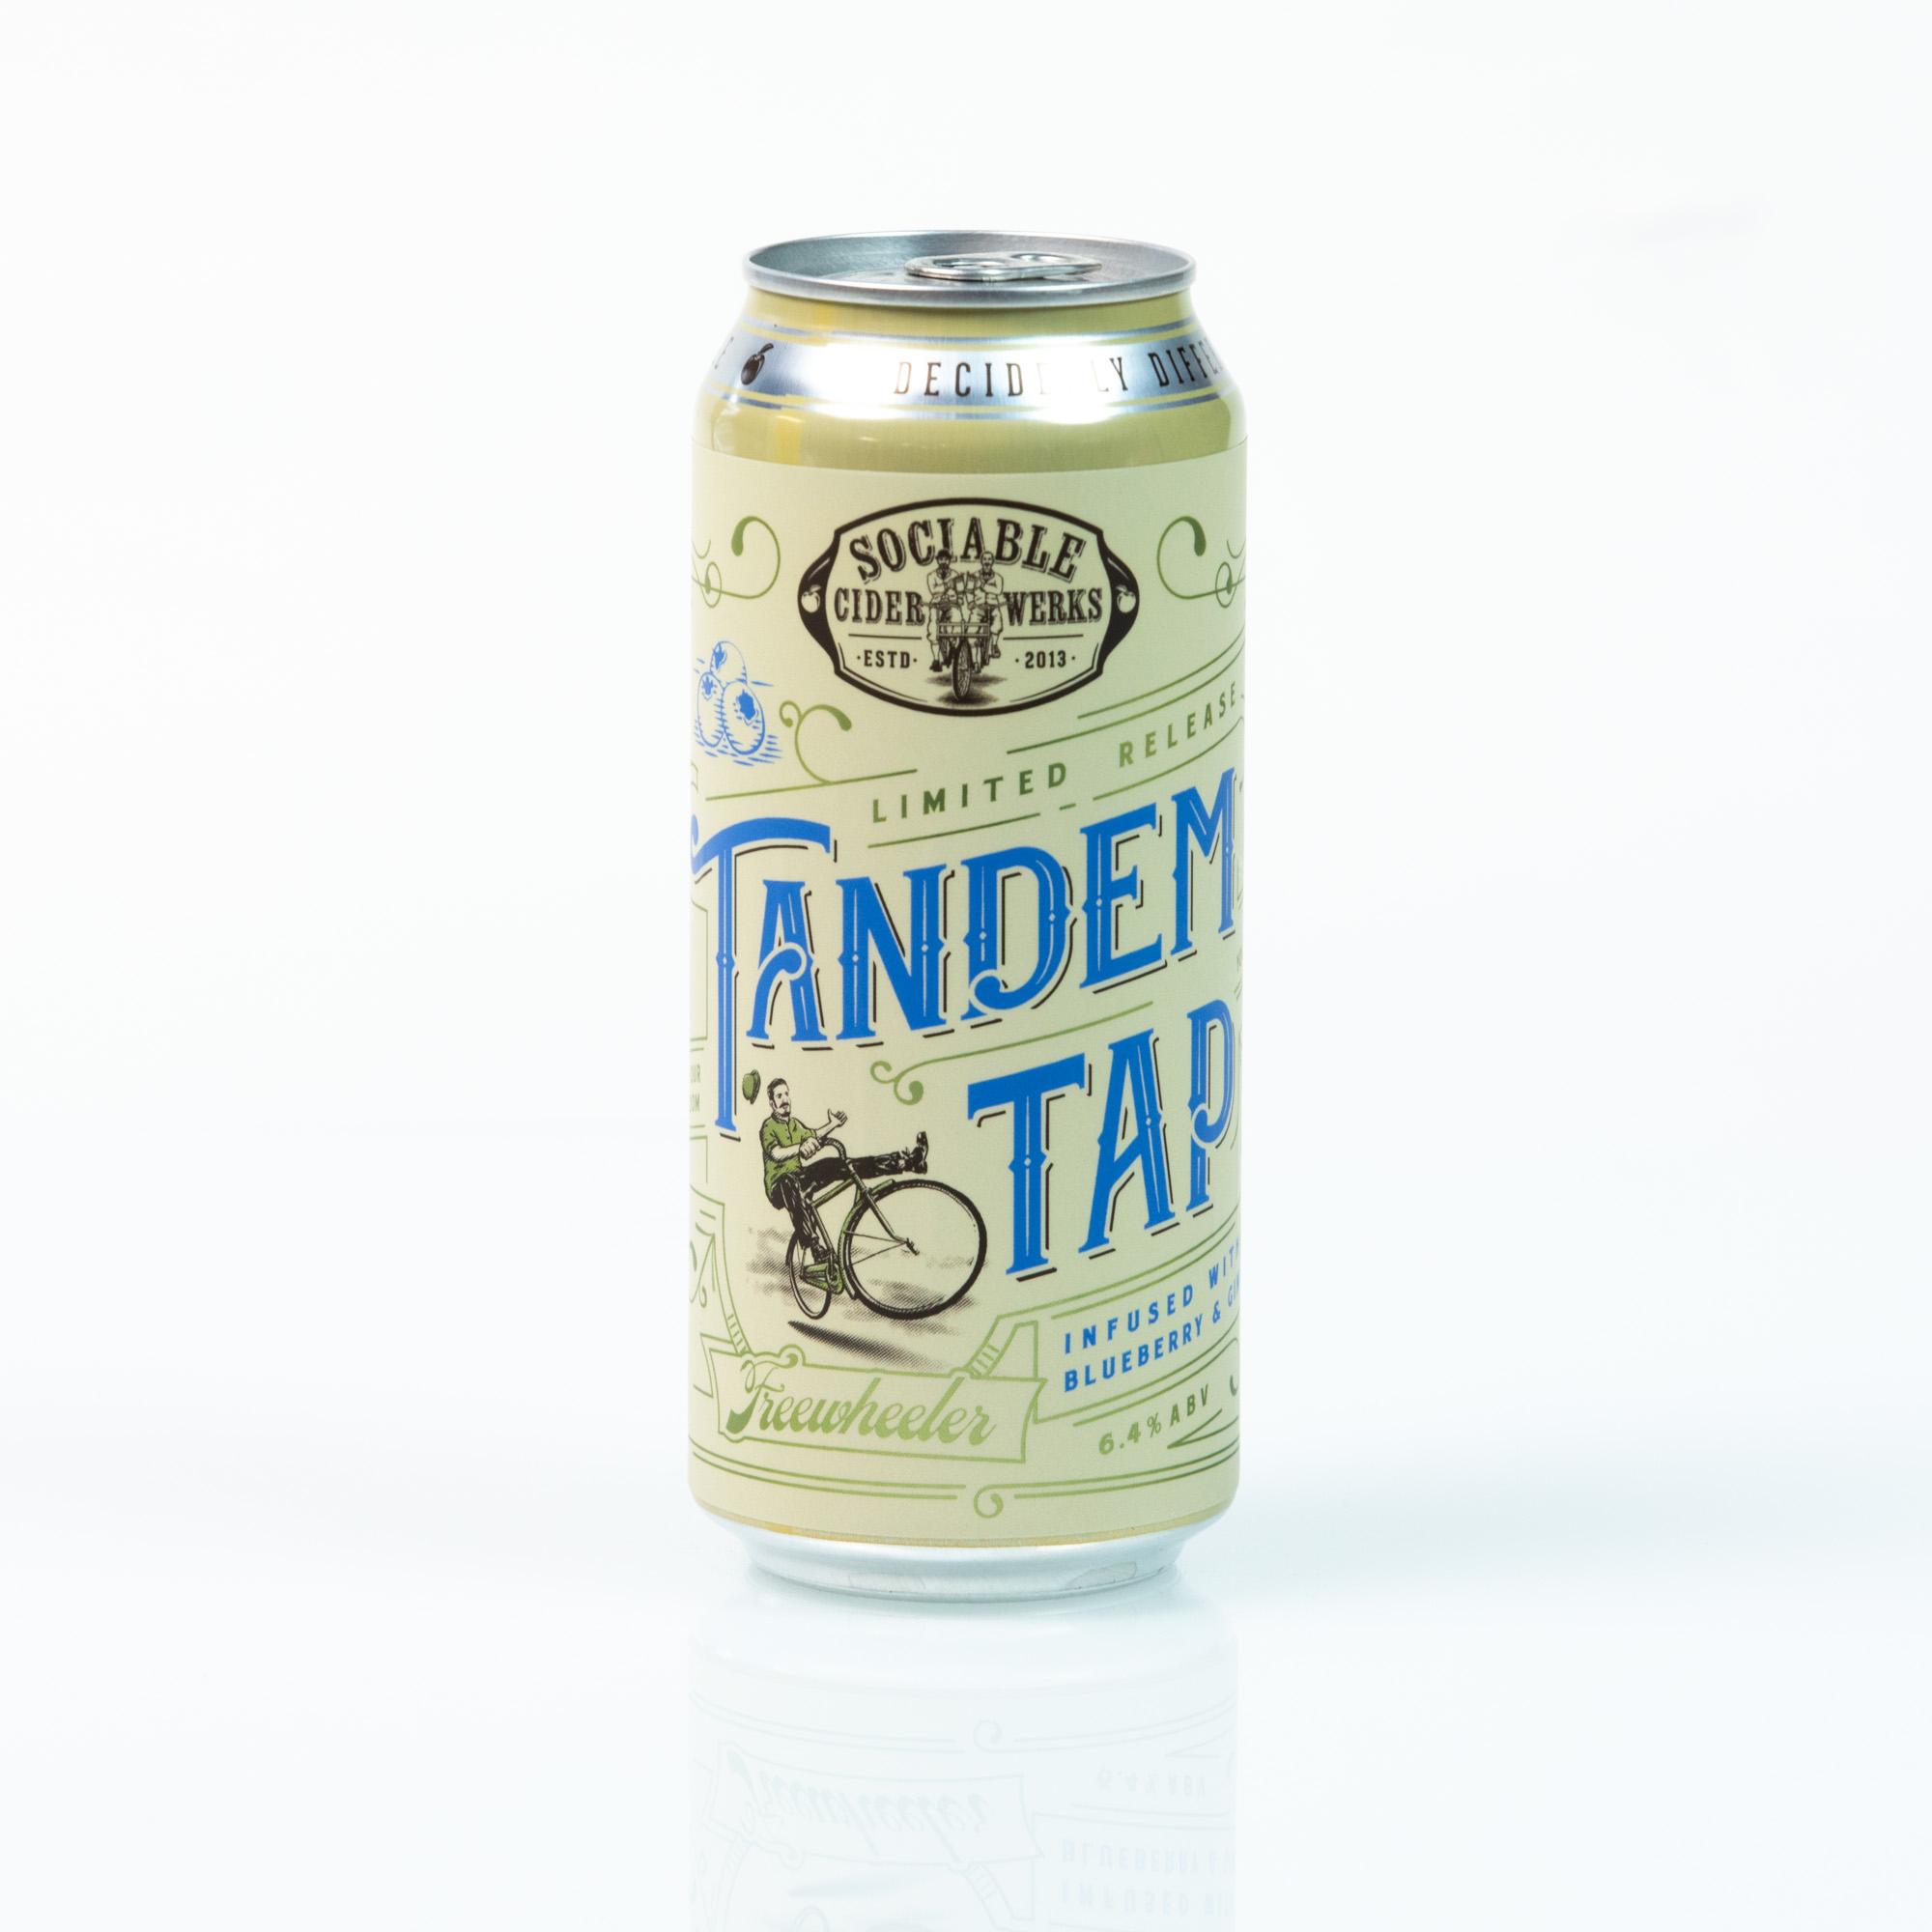 Tandem Tap: Blueberry Ginger Cider